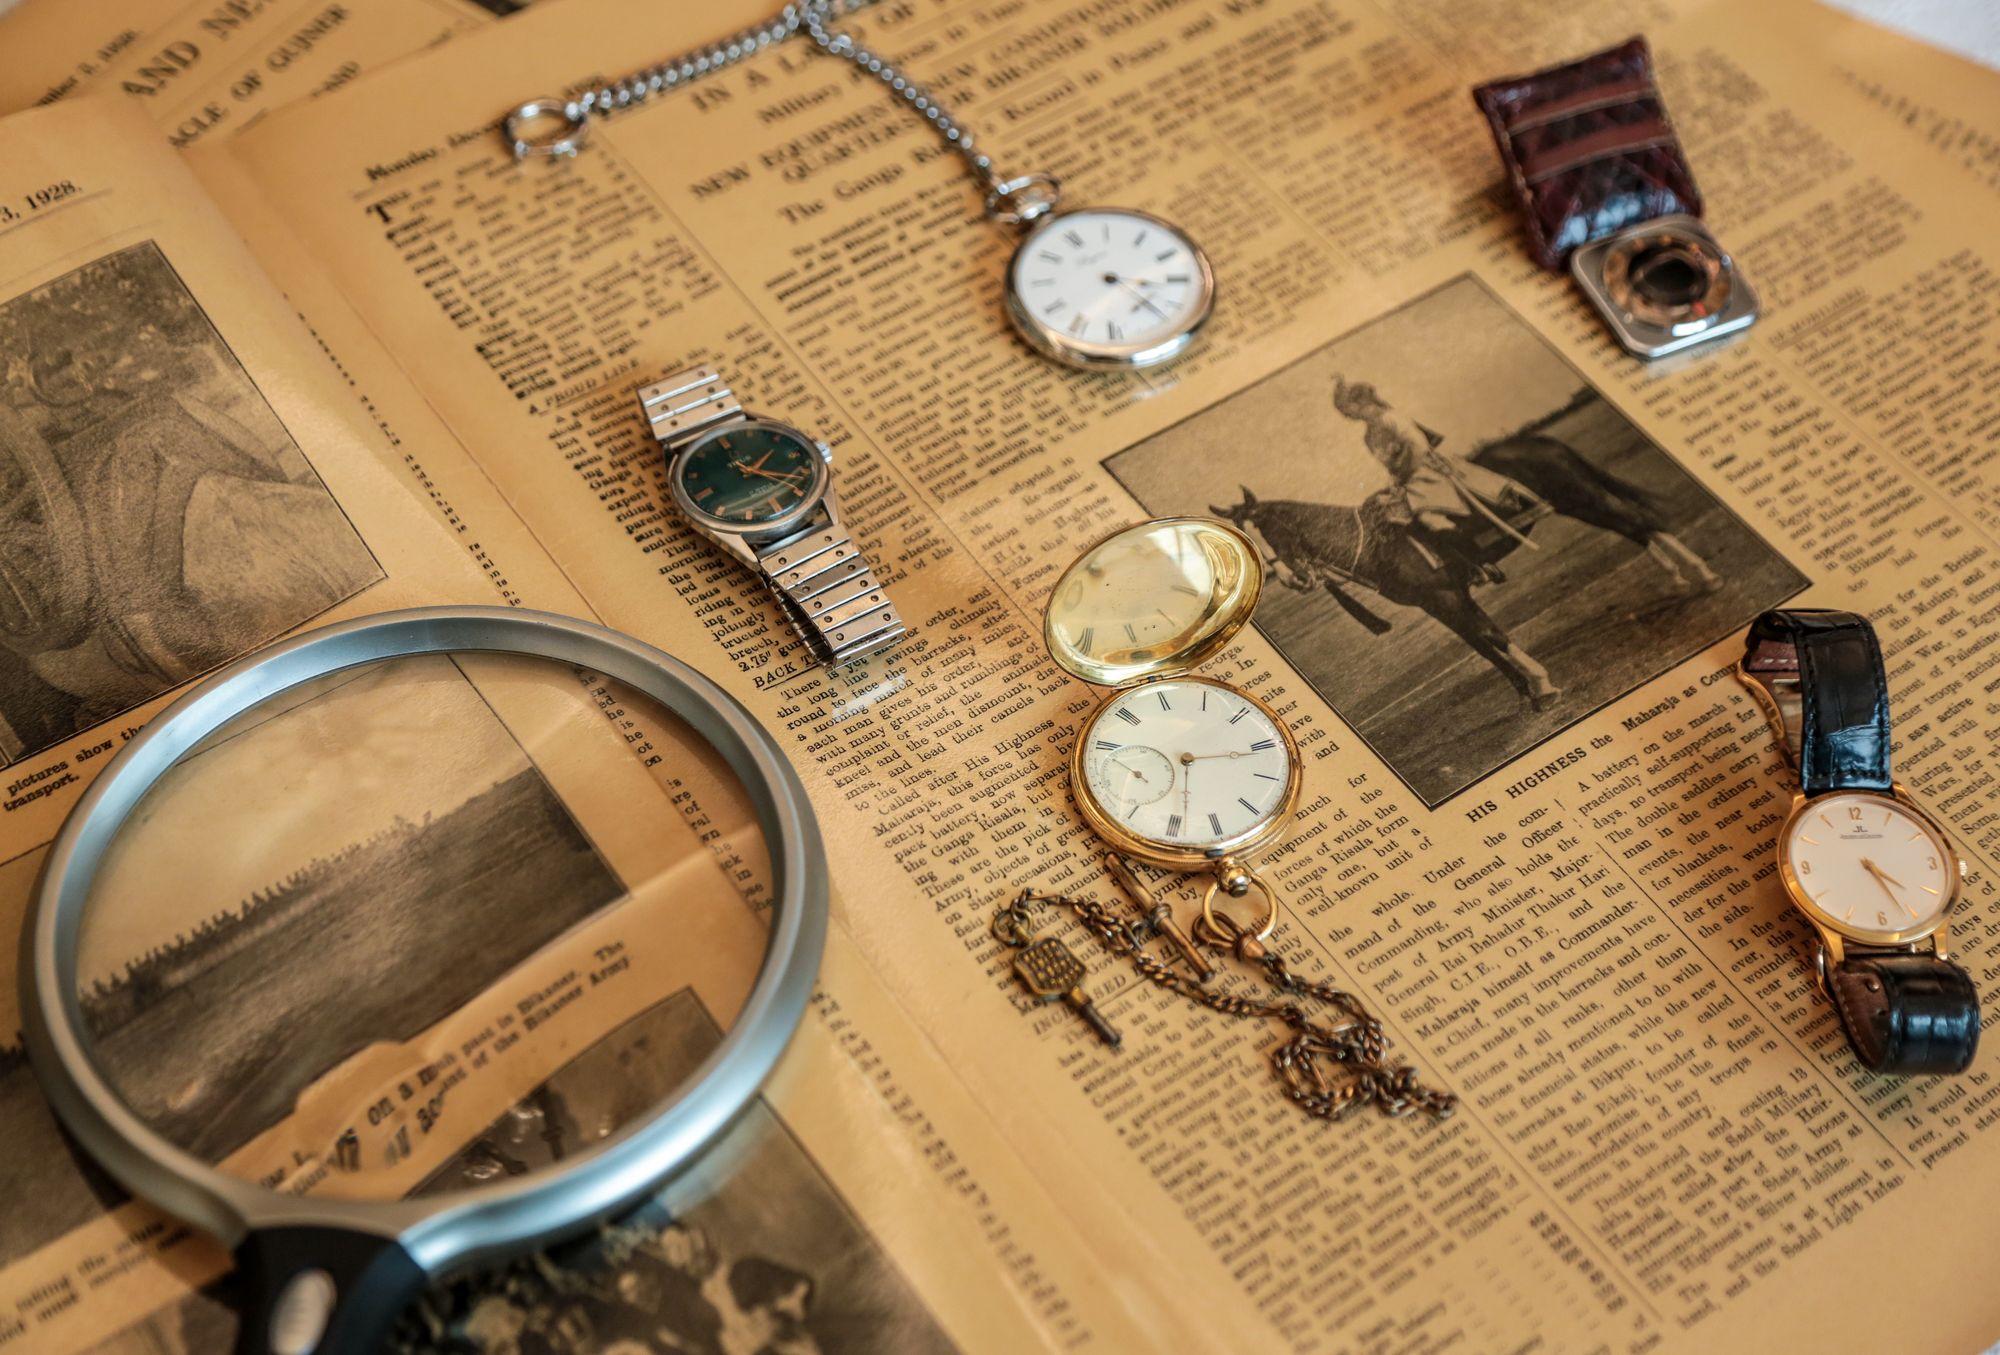 DILJEET TITUS 8  - Talking watches with Diljeet Titus